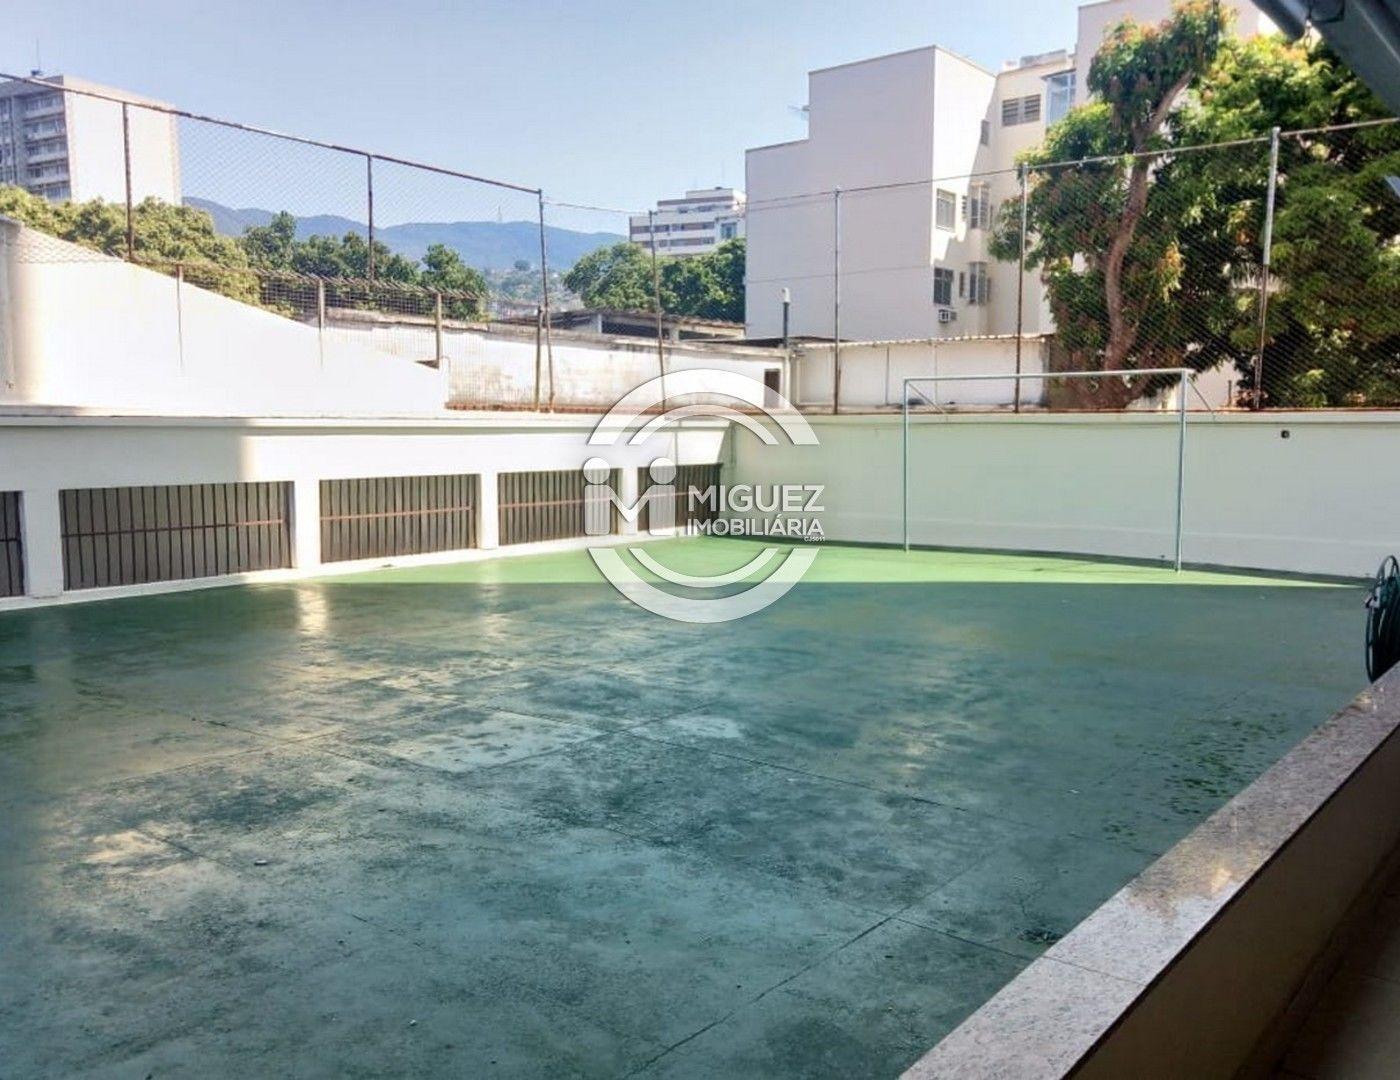 Apartamento, aluguel, Rua Farias Brito - Grajaú , Rio de janeiro